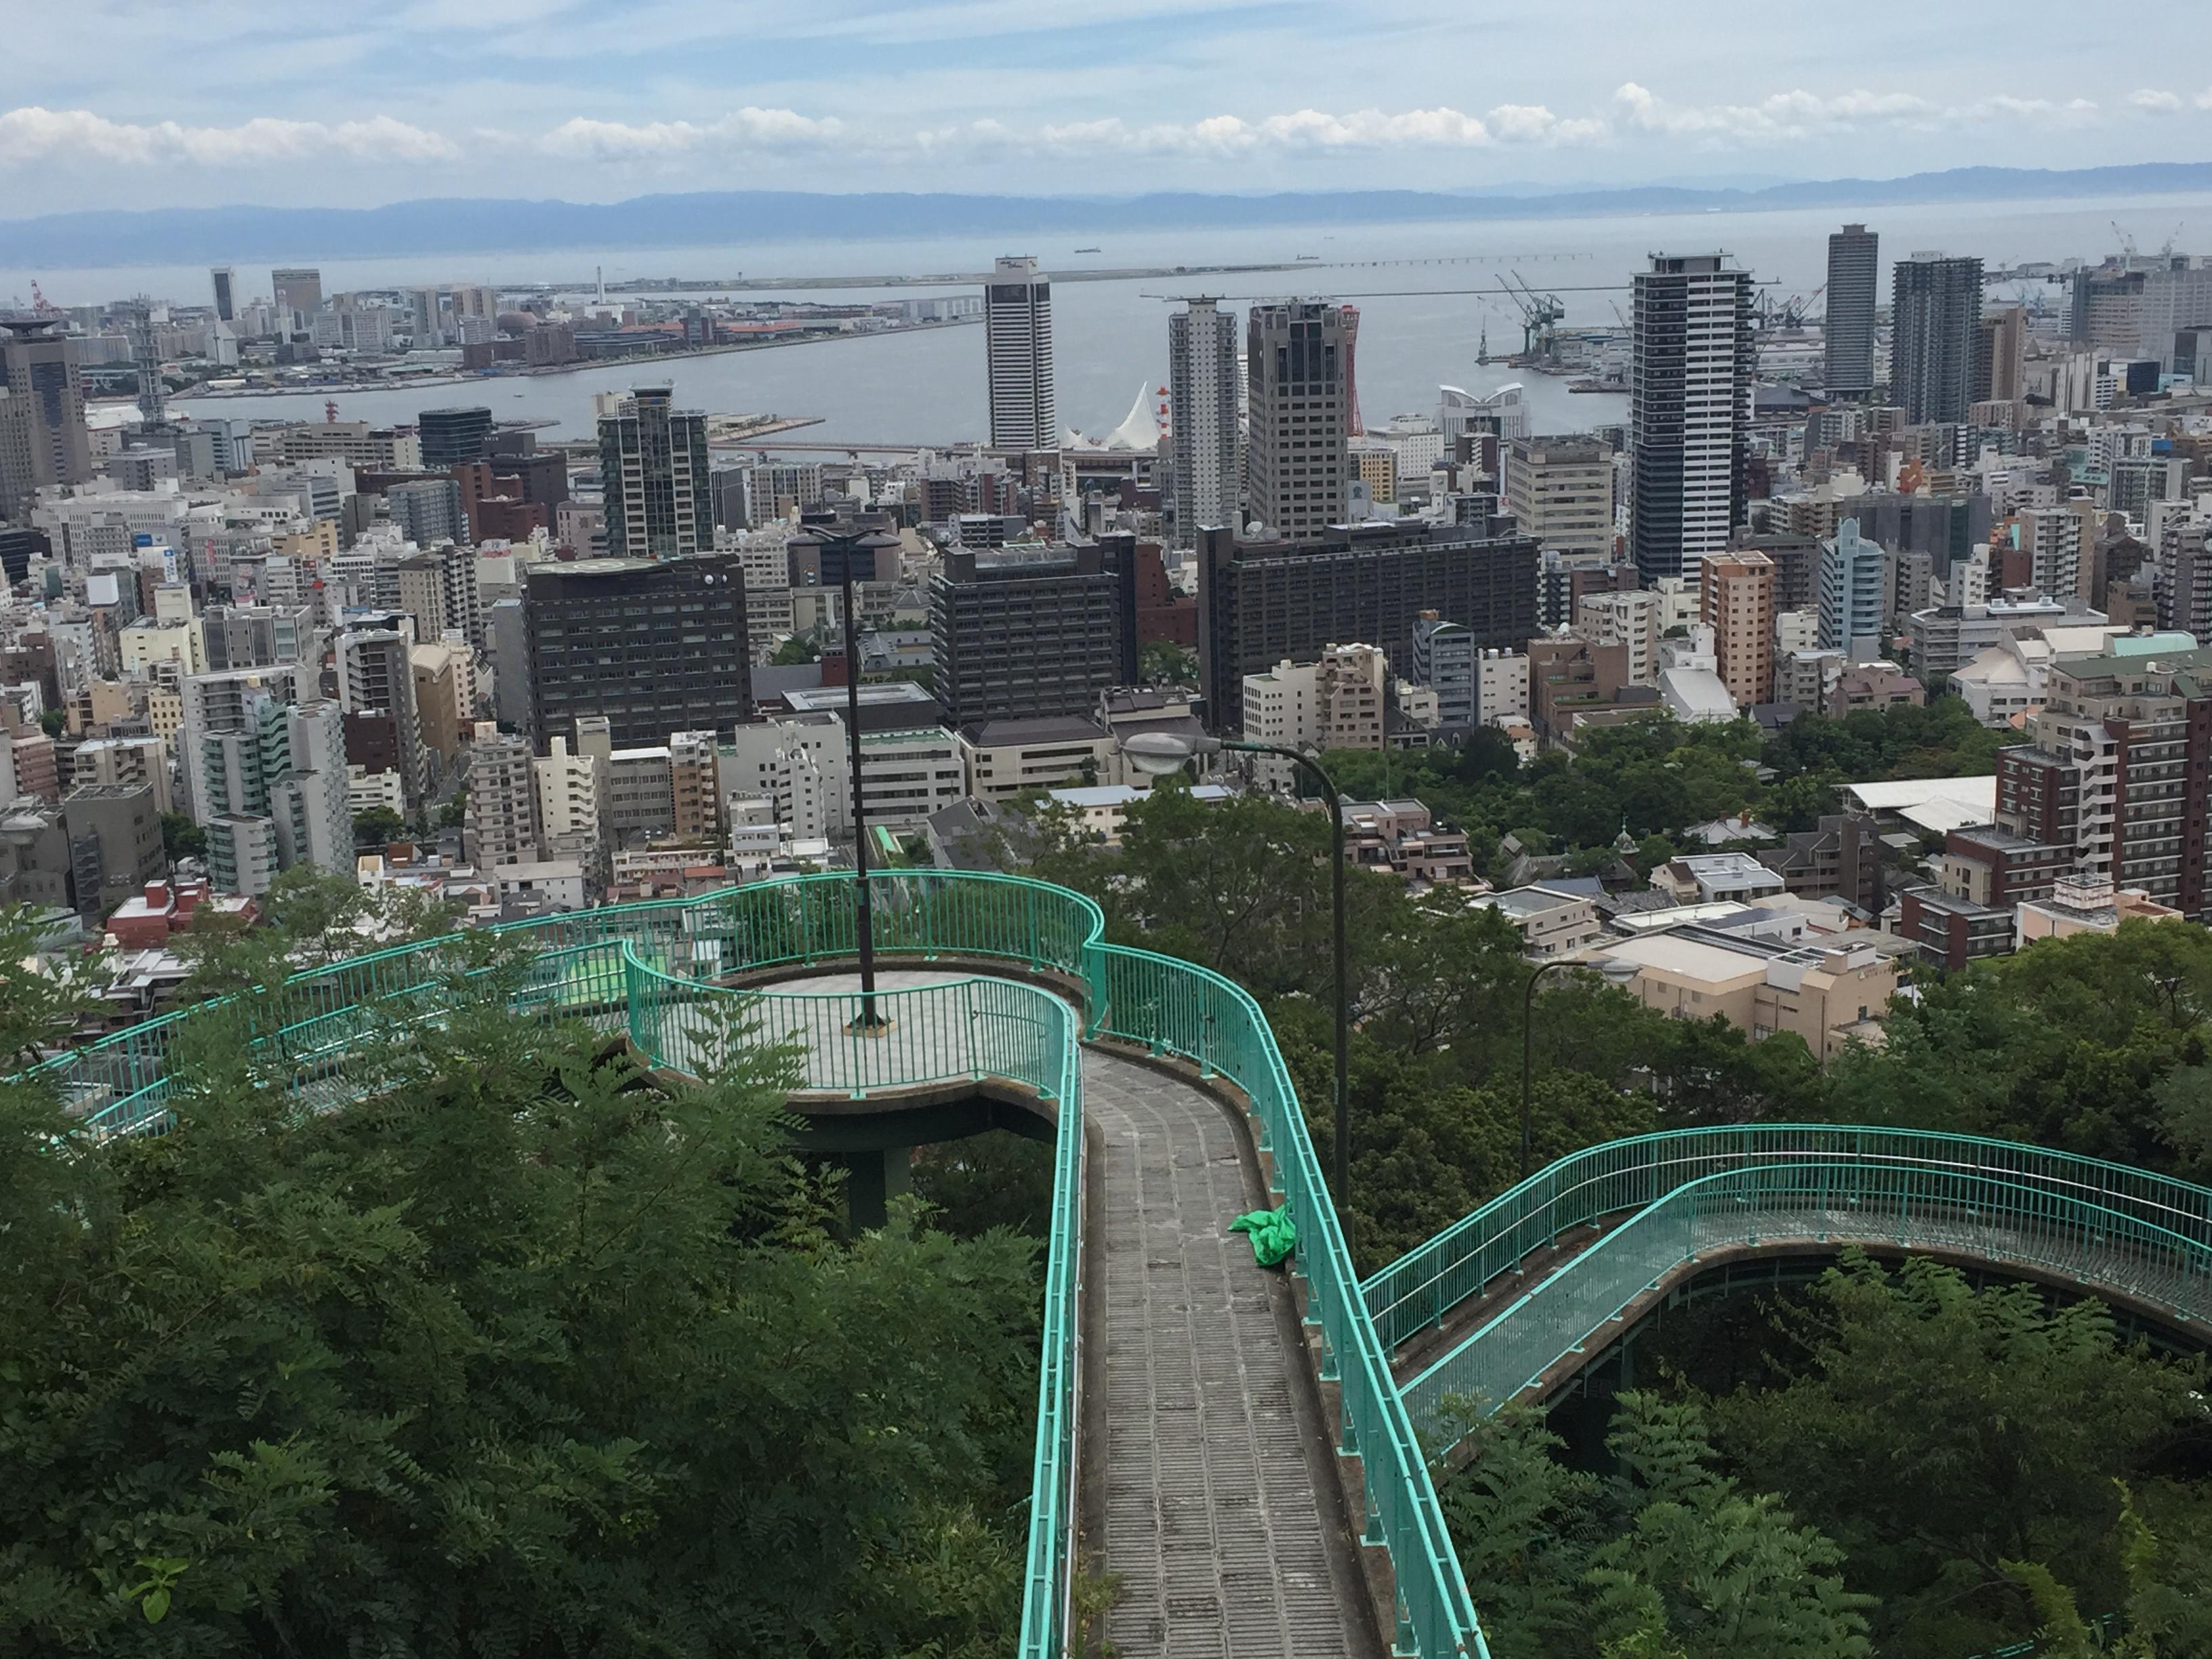 神戸・元町にある「ビーナスブリッジ・諏訪山公園」は神戸が一望できるおすすめスポットだよ #ビーナスブリッジ